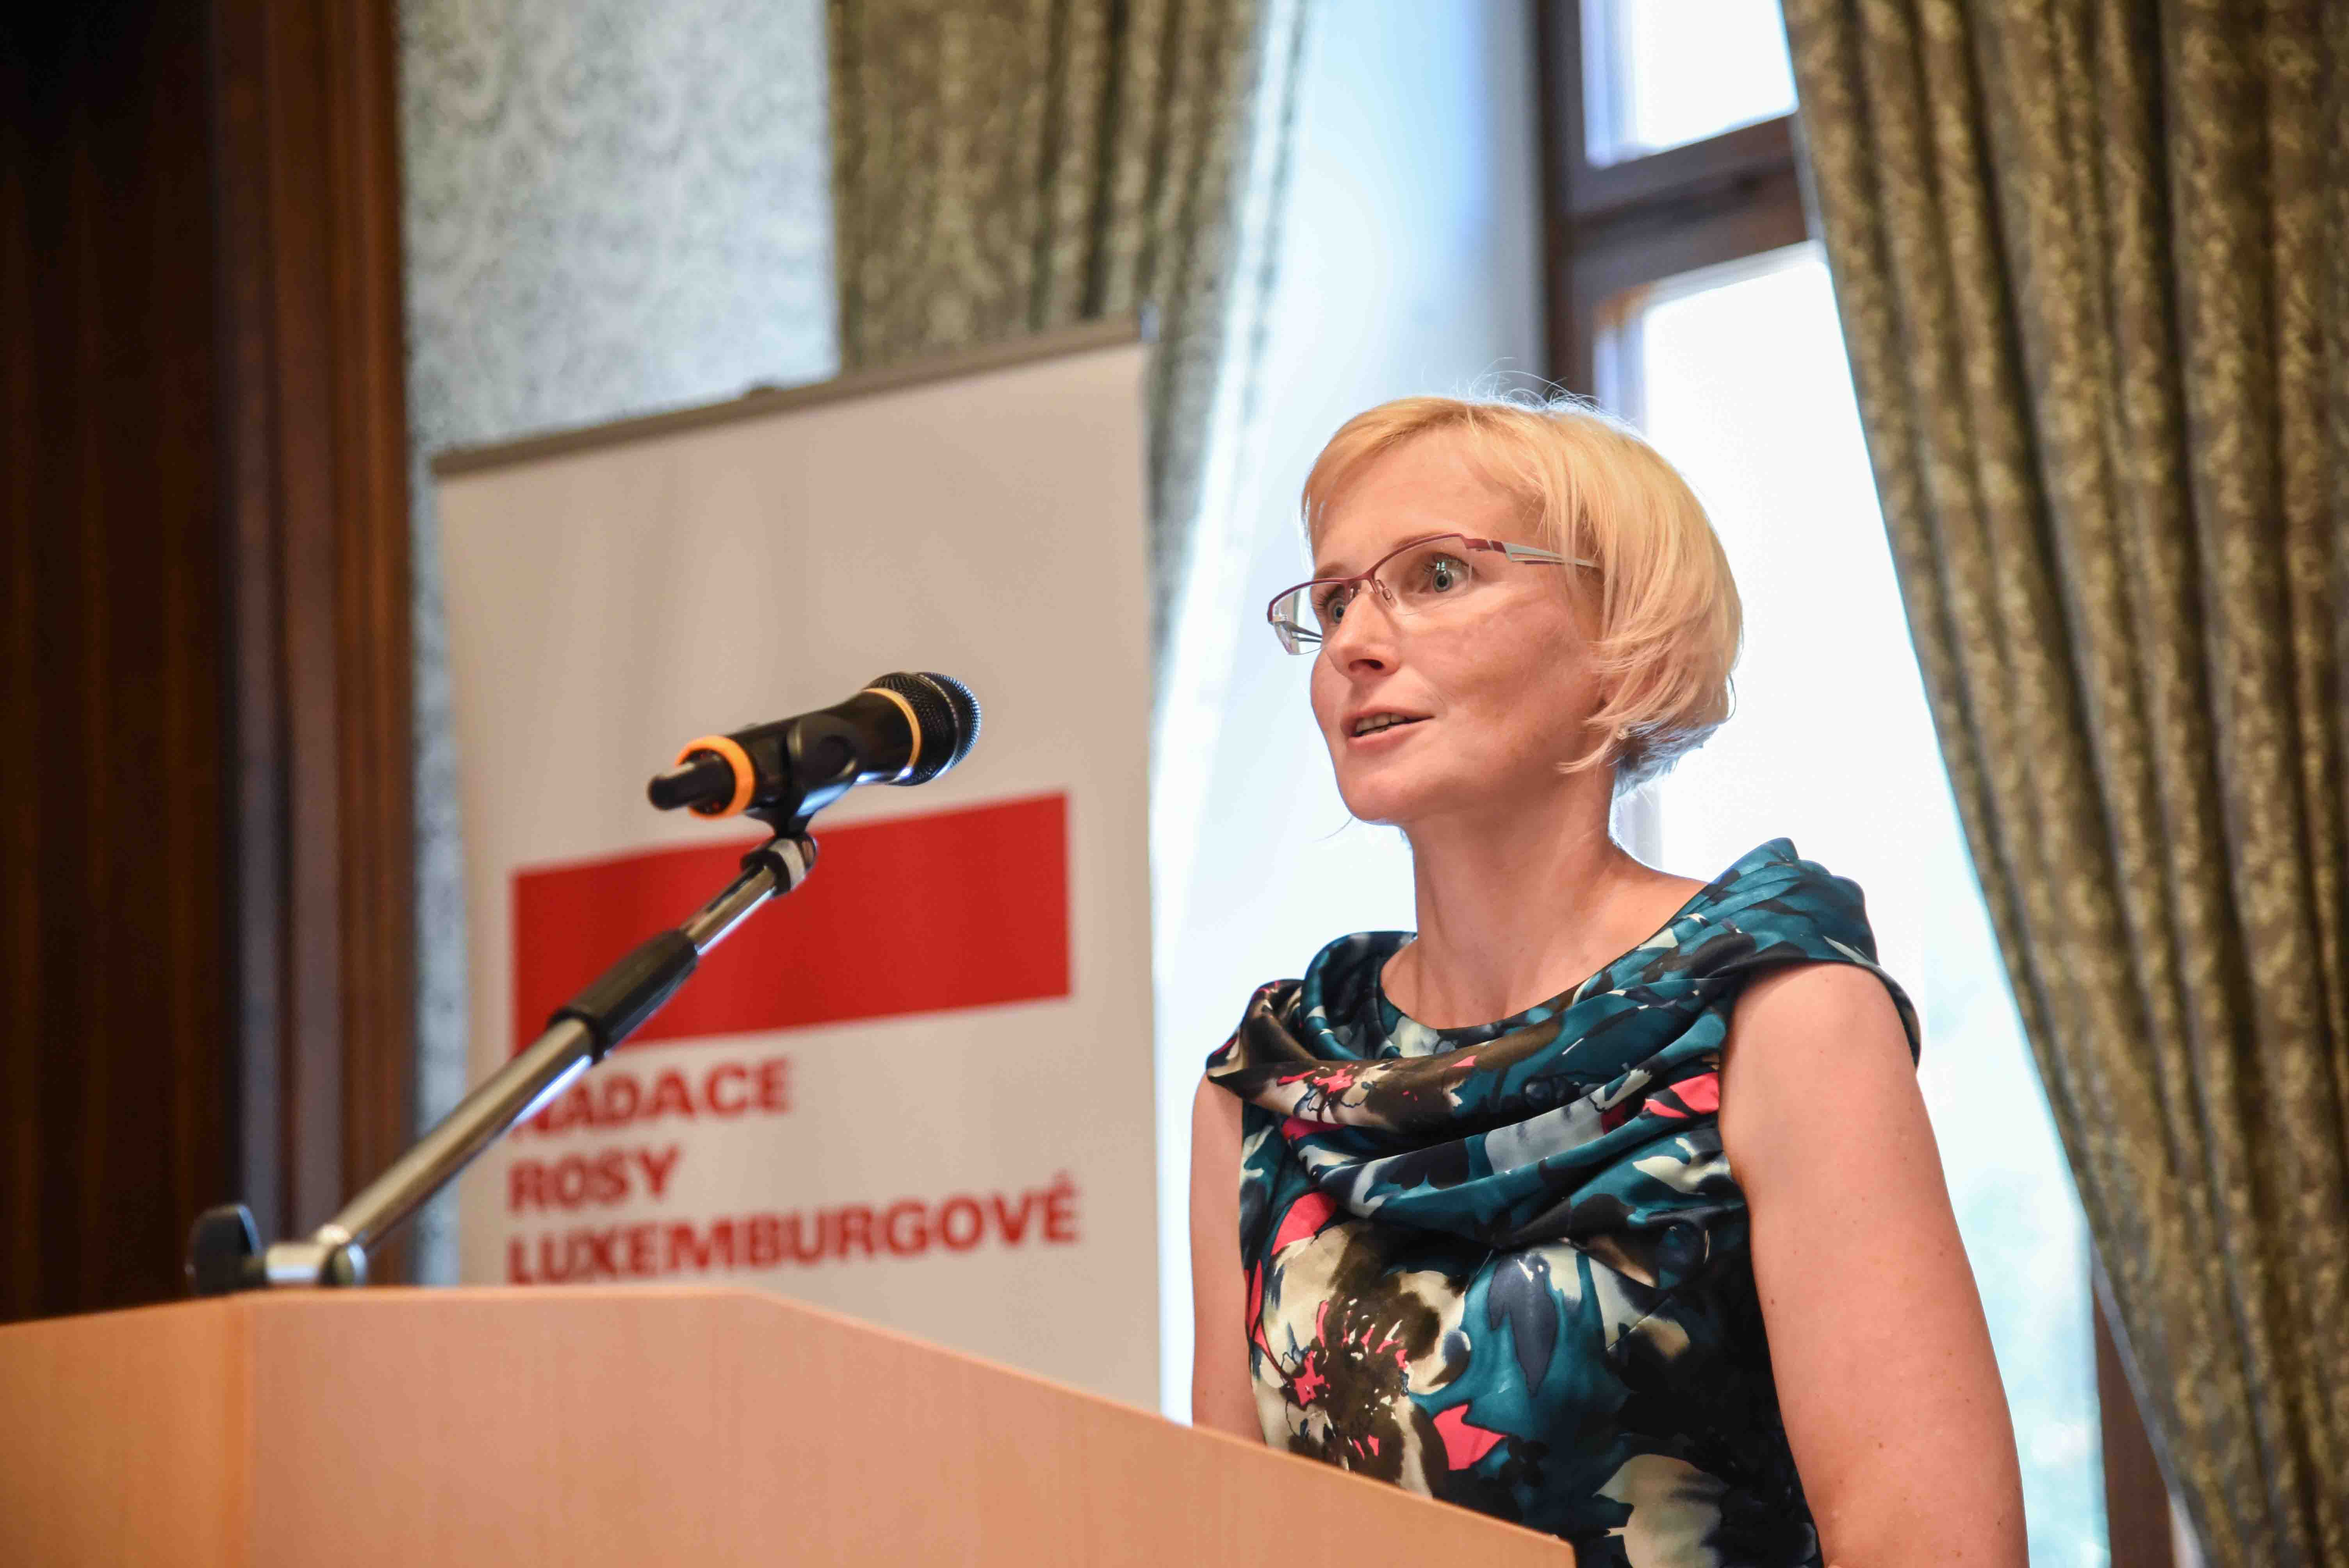 Nadace Rosy Luxemburgové